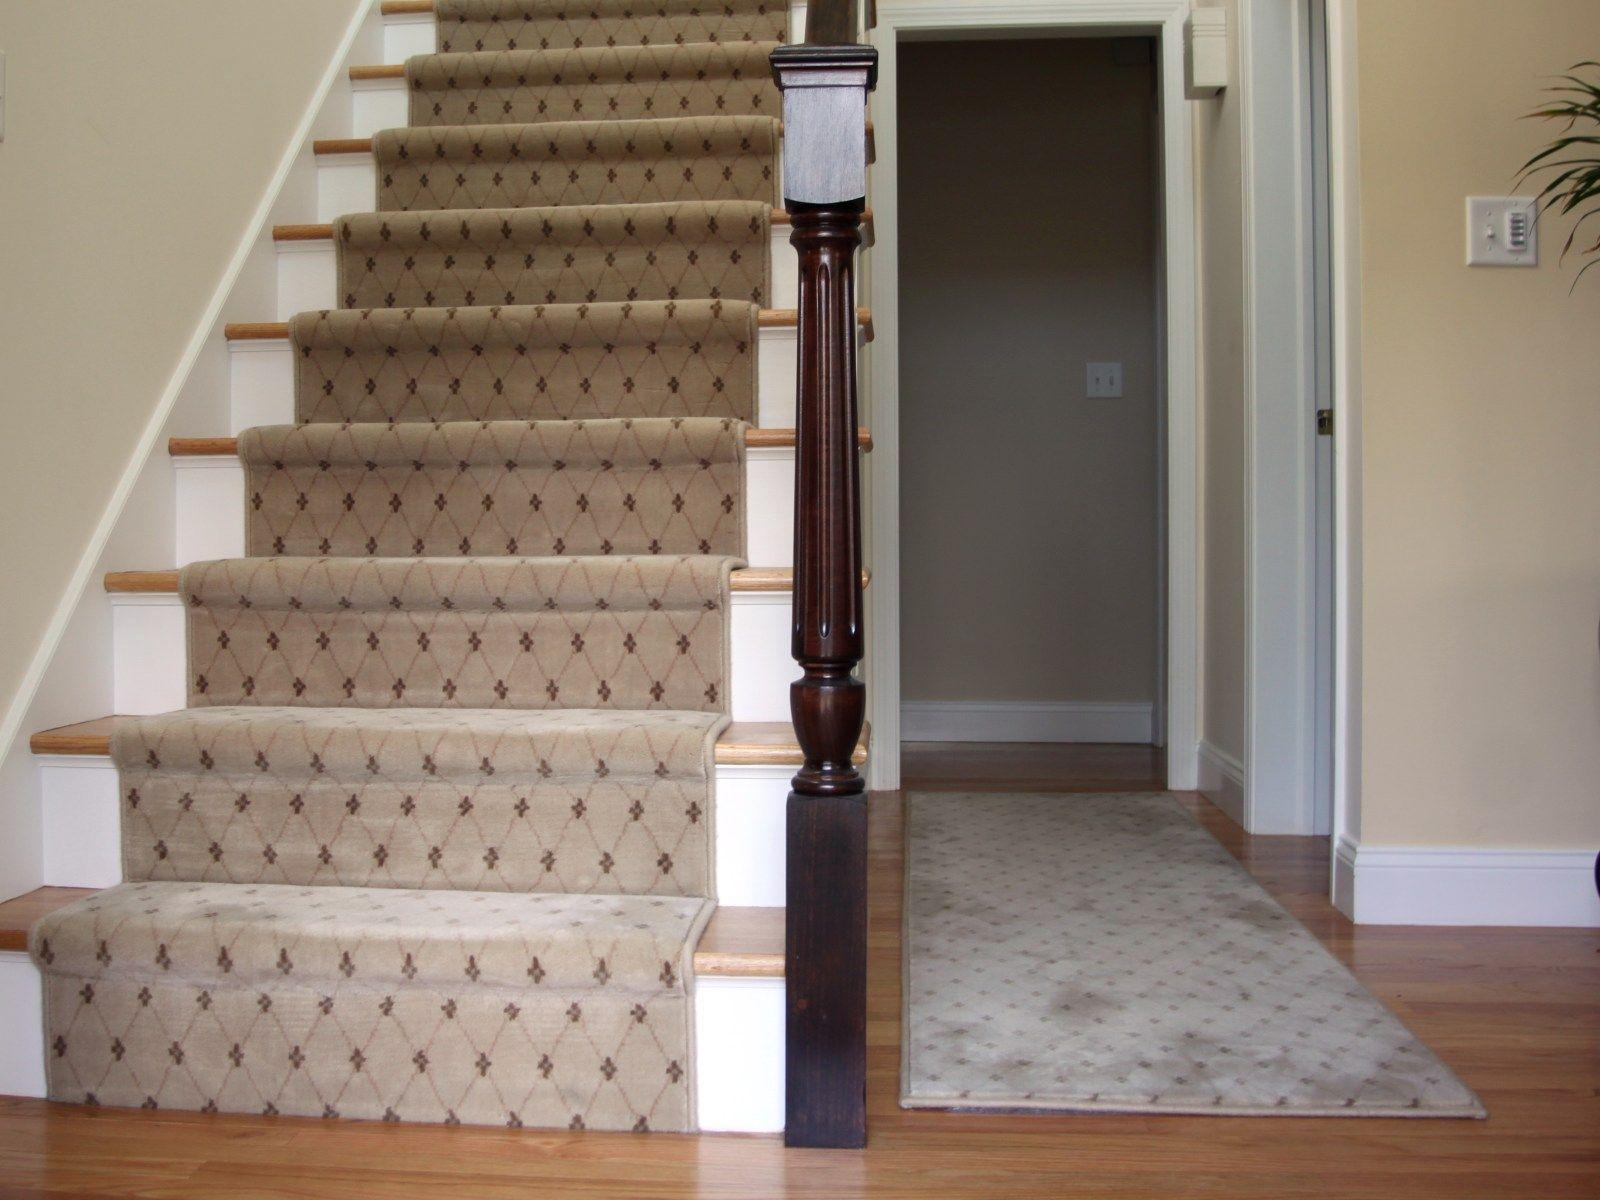 Stair Carpet Protectors